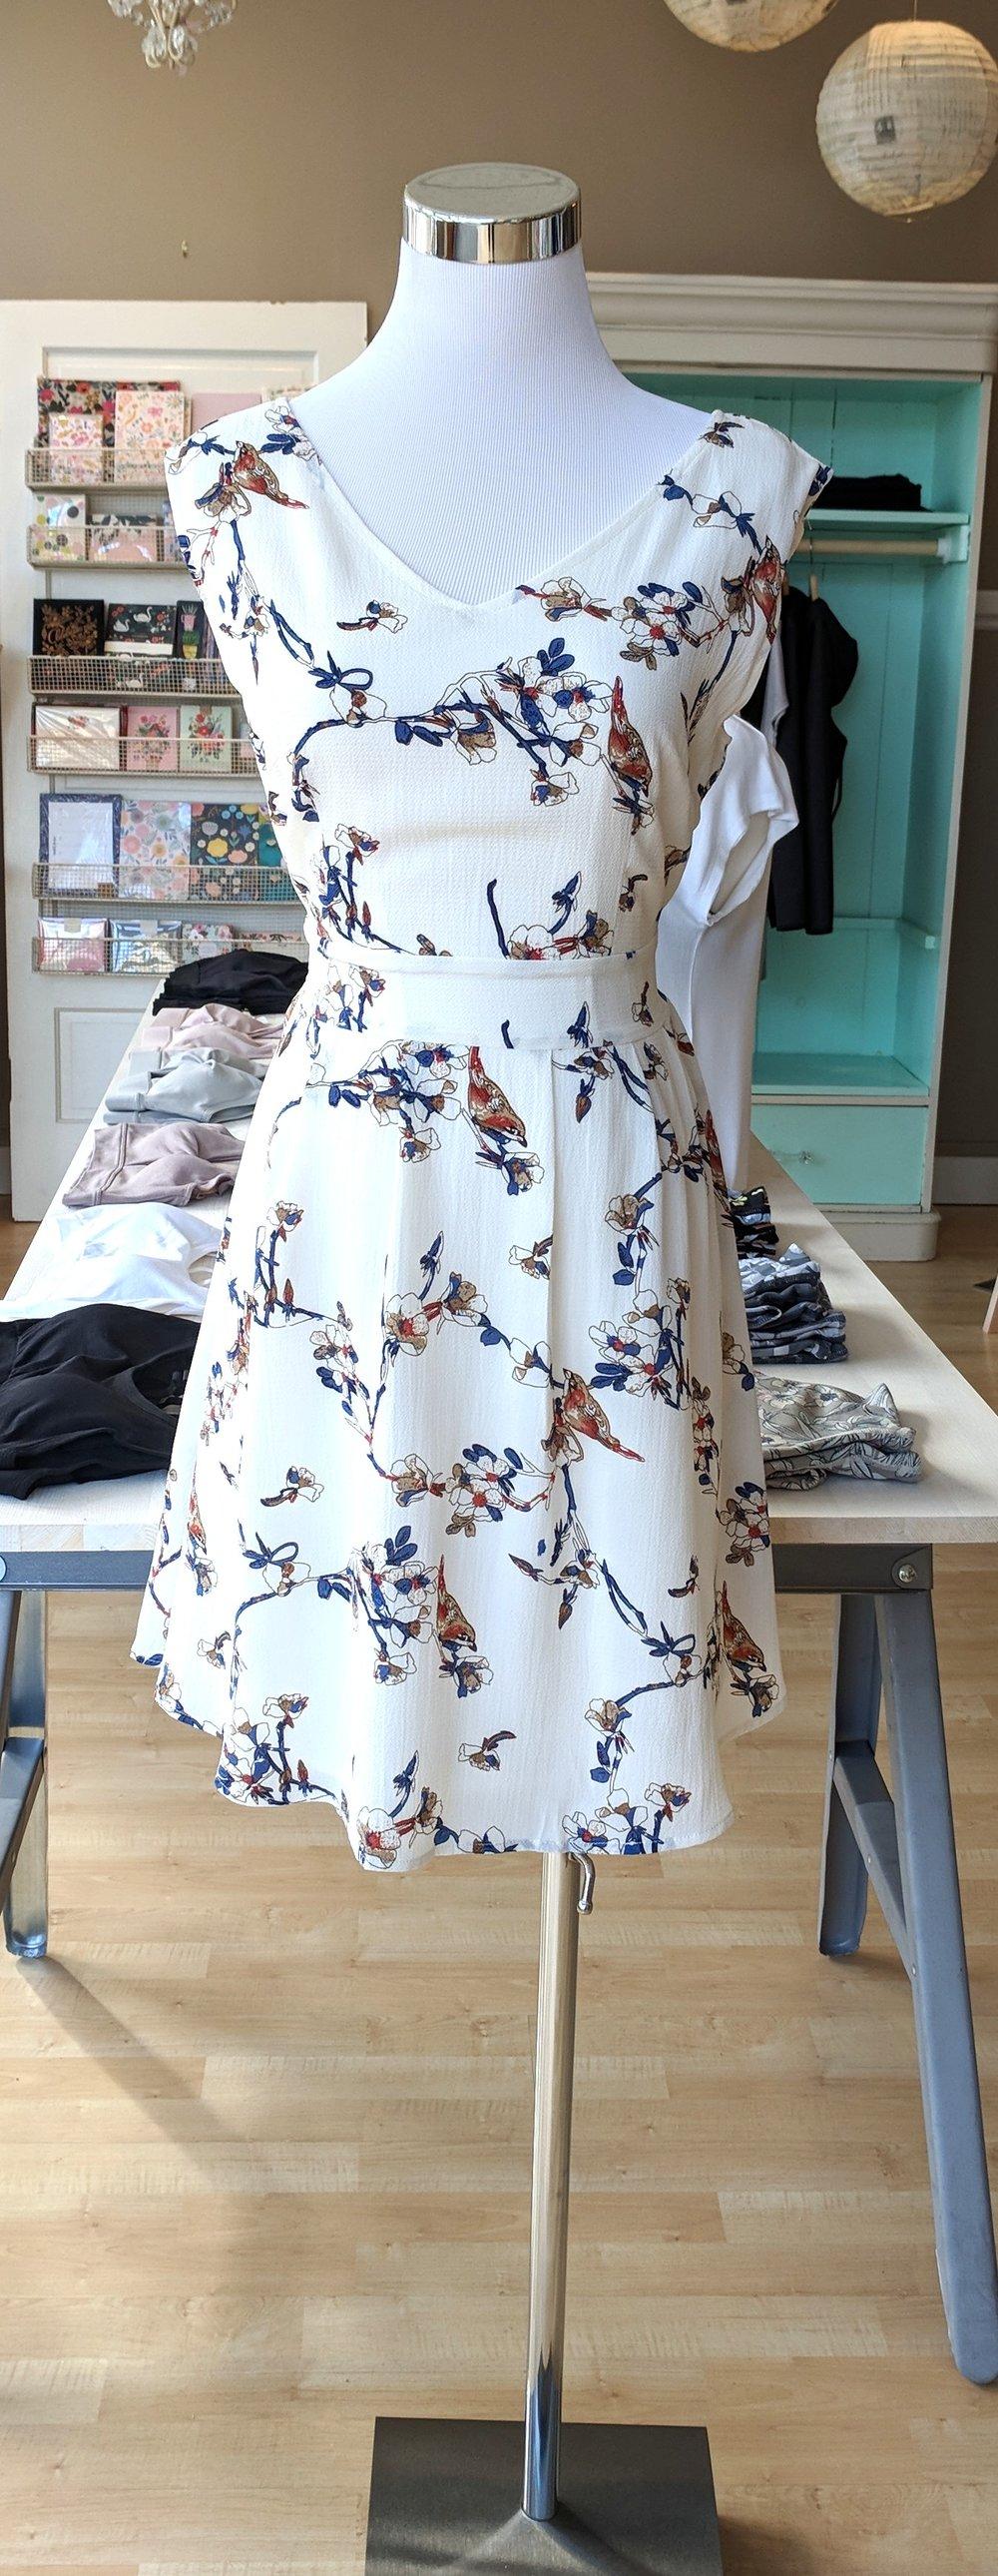 Bird Print dress with tie back $45